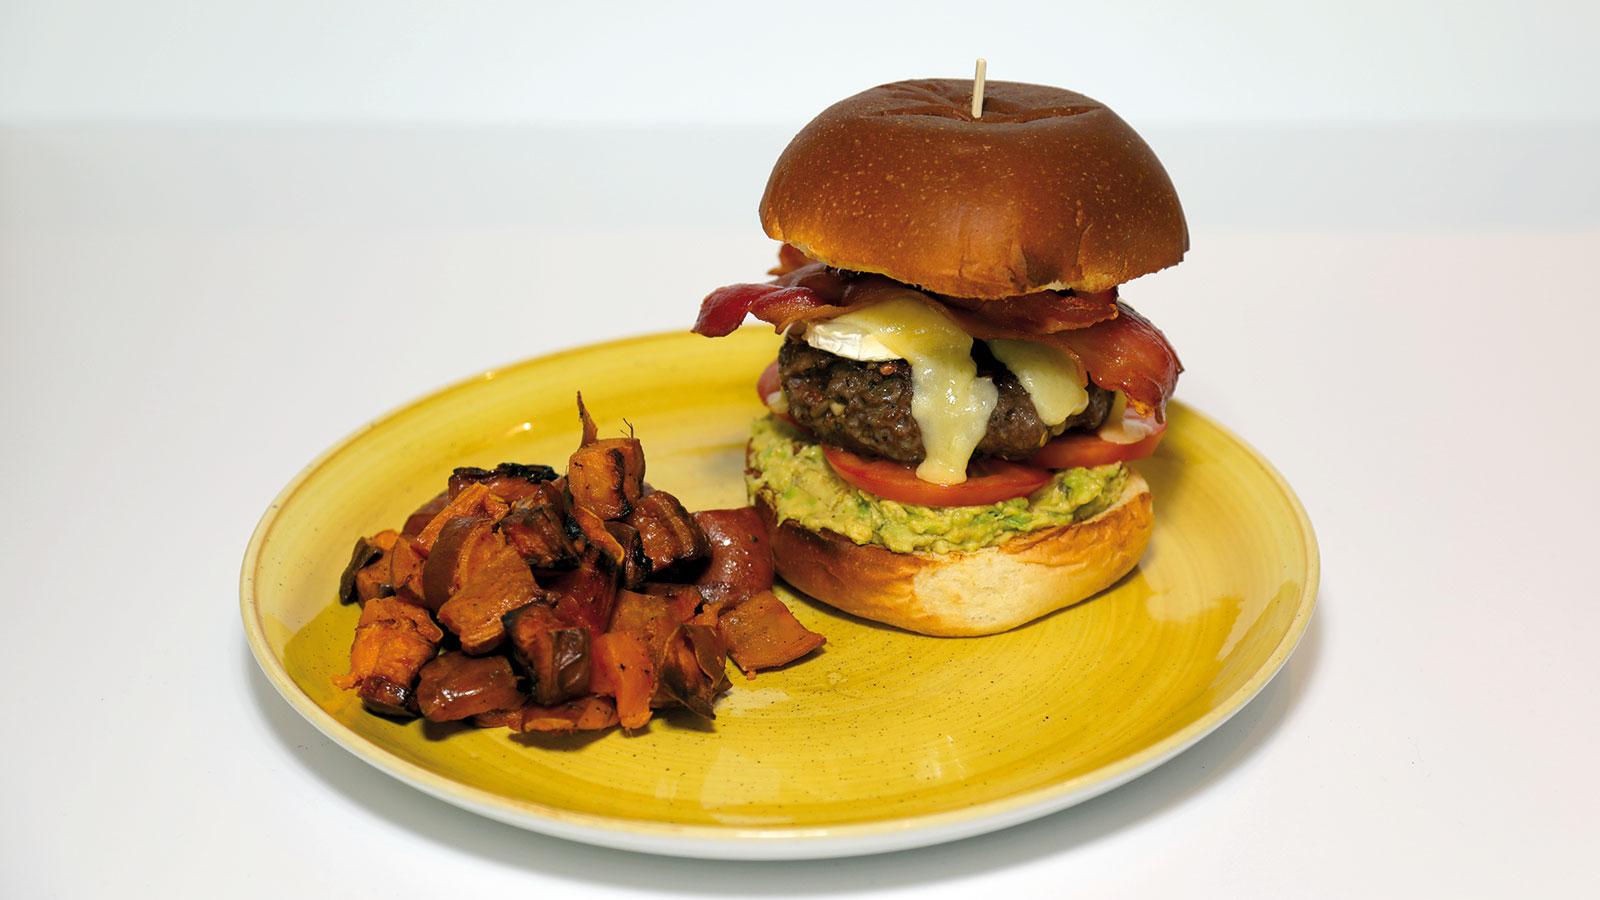 Thirty-Nine-Monte-Carlo-meilleur-burger-observateur-monaco-couverture